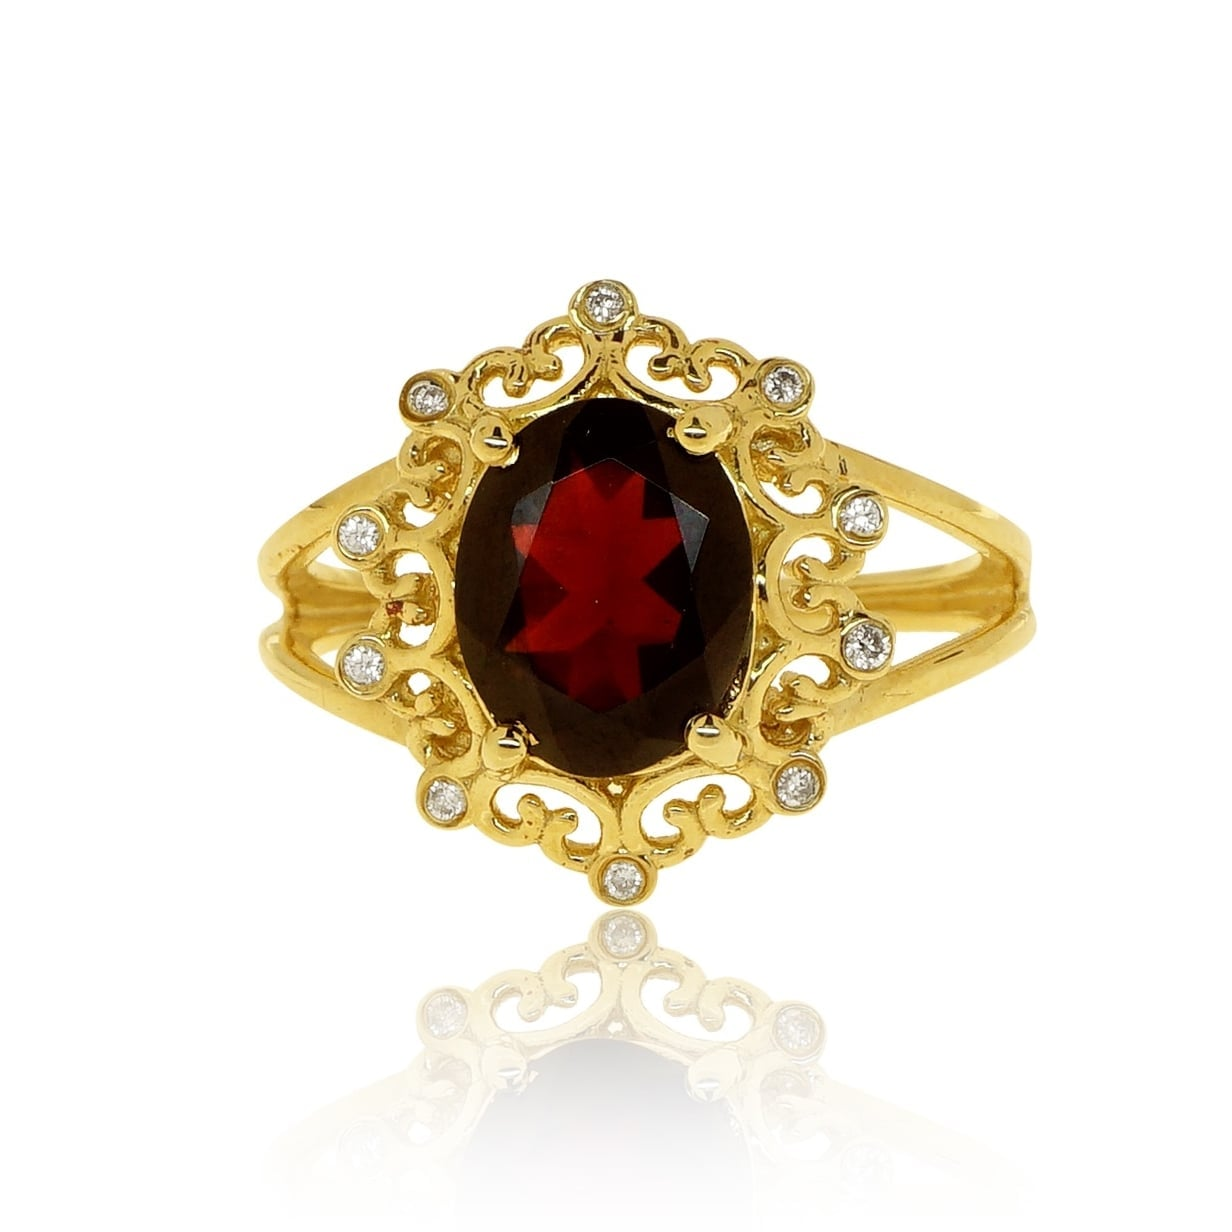 טבעת זהב 14 קרט בעיצוב ויקטוריאני משובץ אבן גרנט טבעית ויהלומים 0.08 קראט